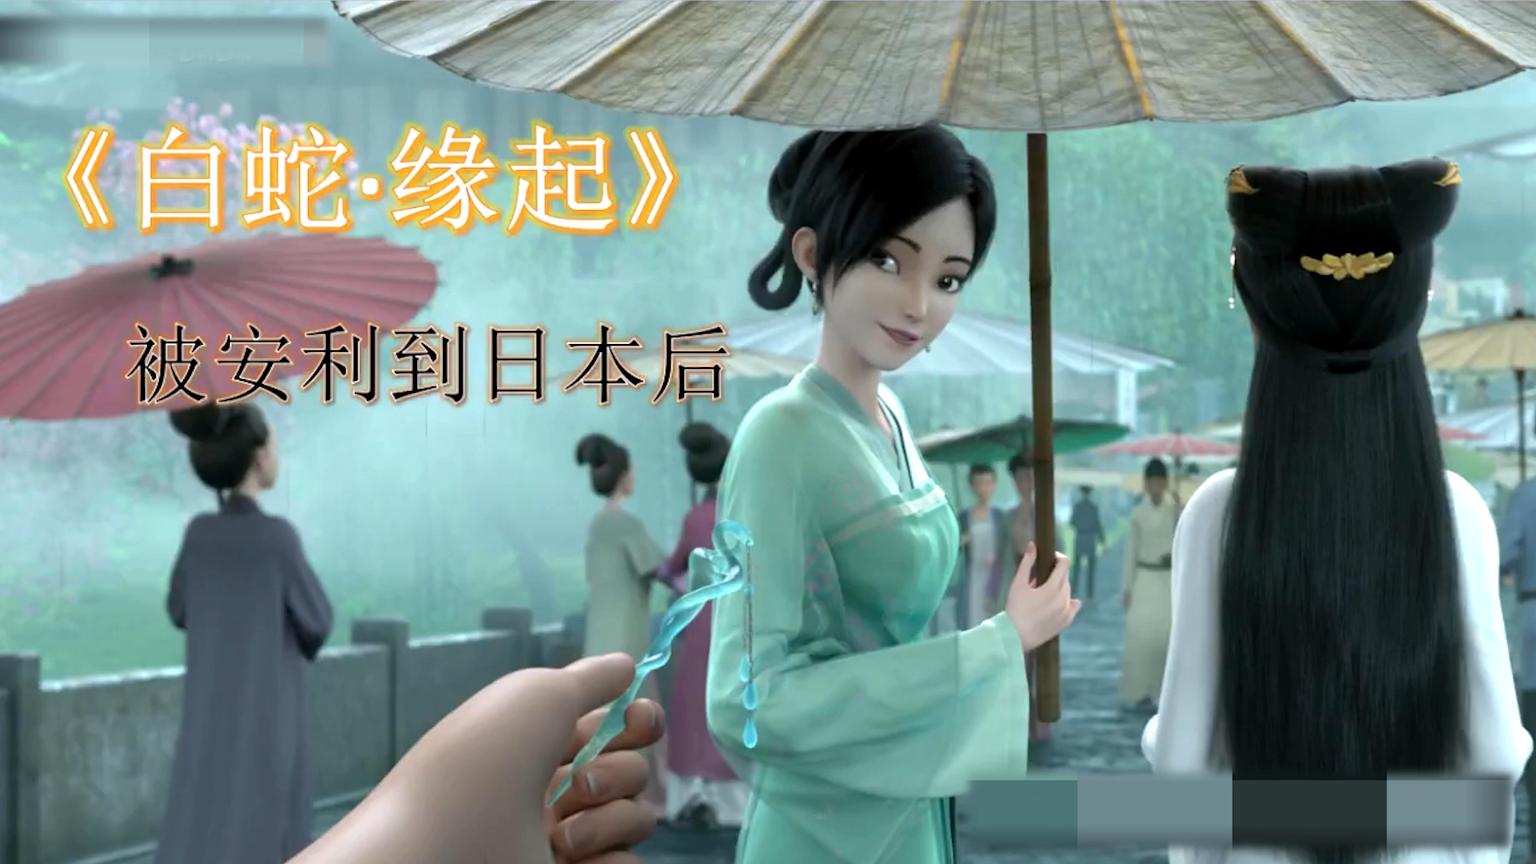 【白蛇缘起】日本网友评论